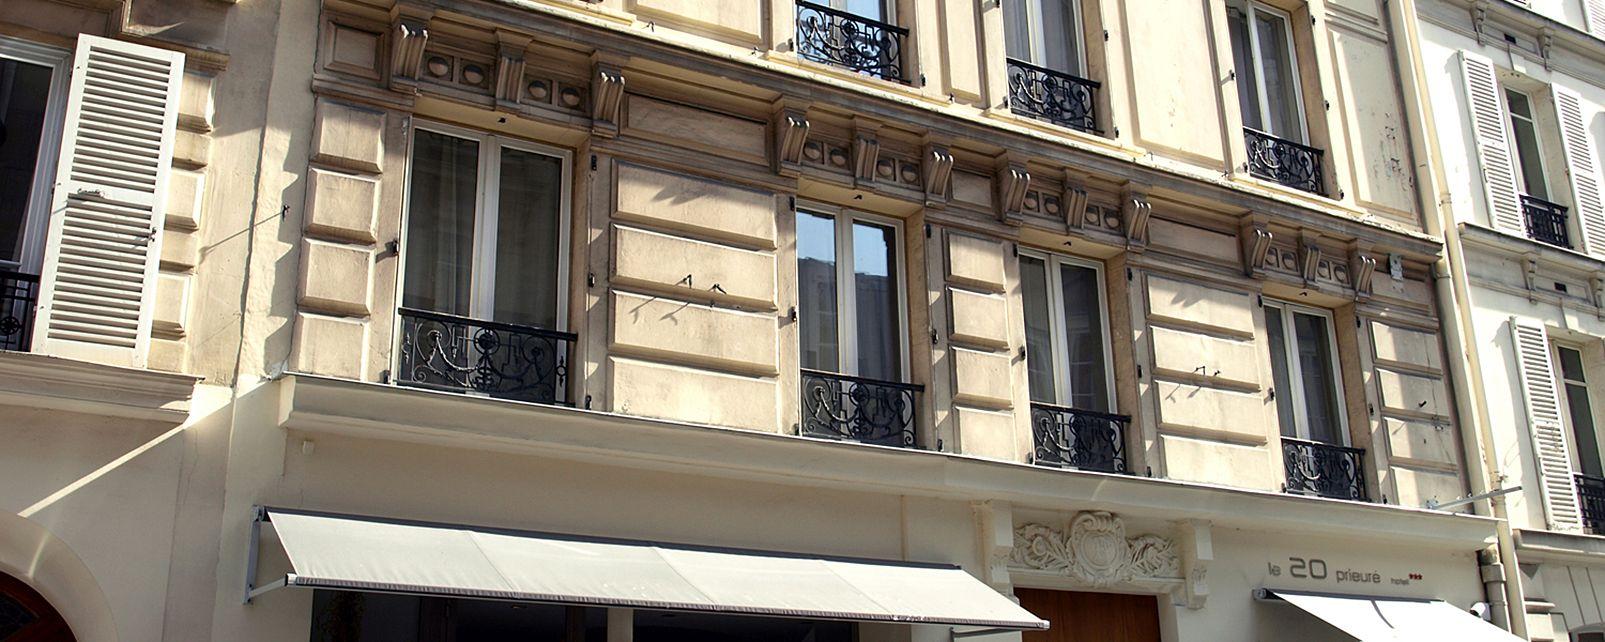 Hôtel Le 20 Prieure Hotel